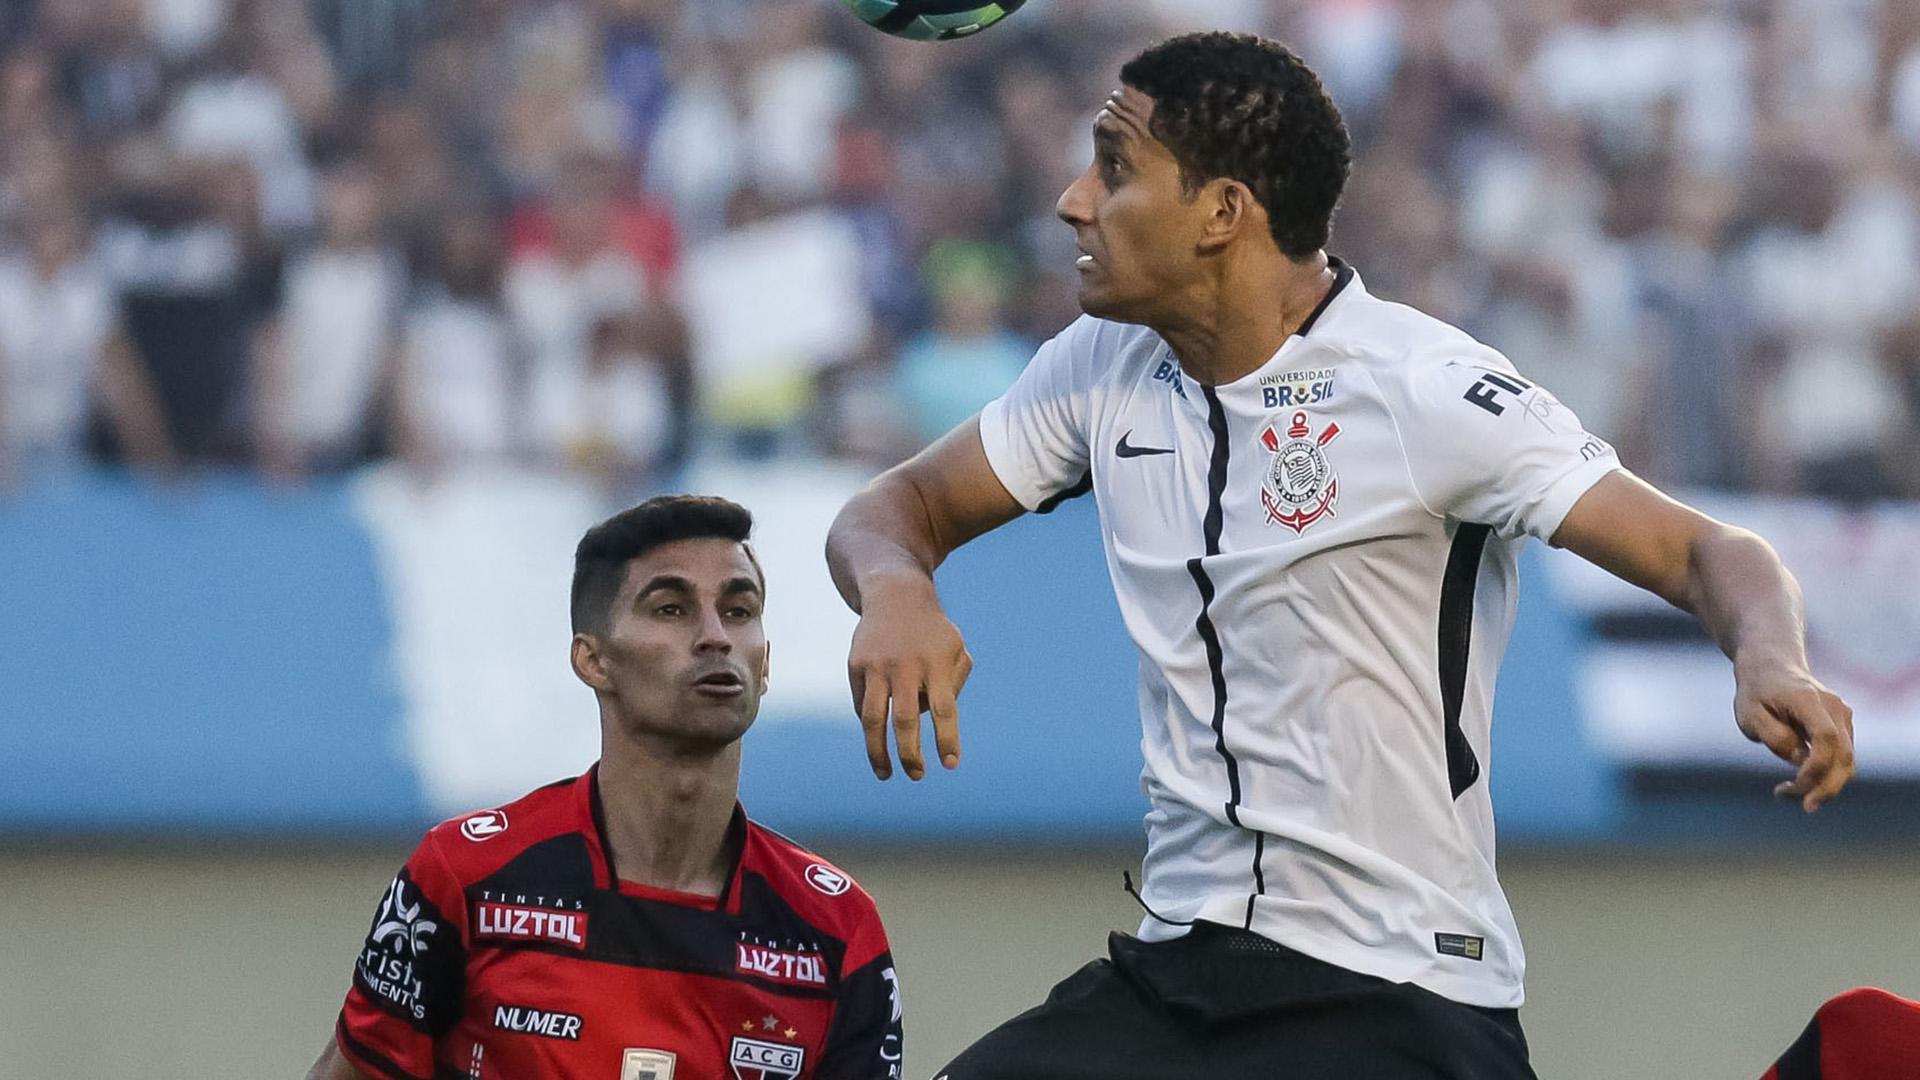 Fora de festa, Pablo critica postura do Corinthians: